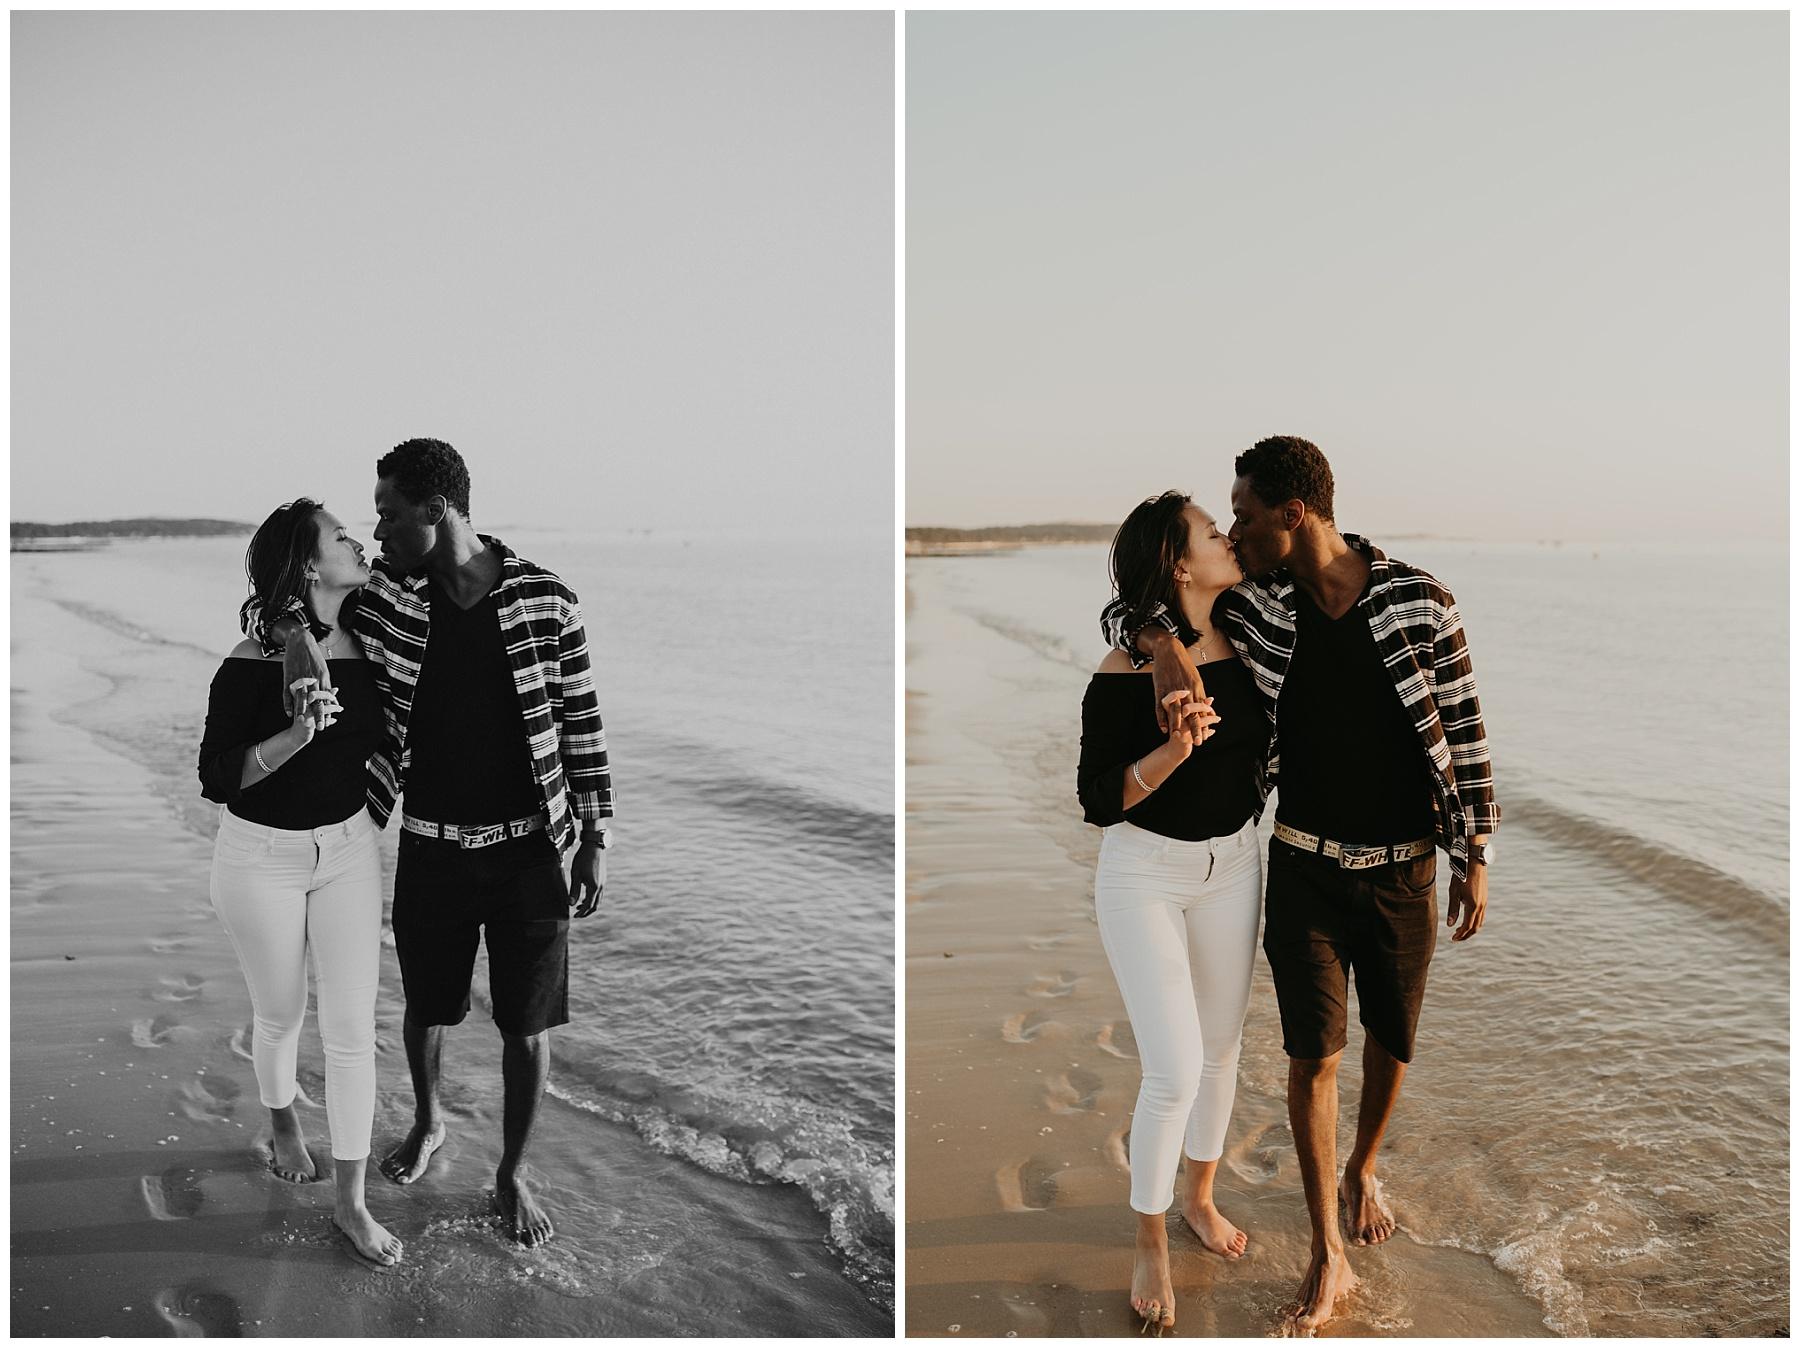 balade amoureux plage